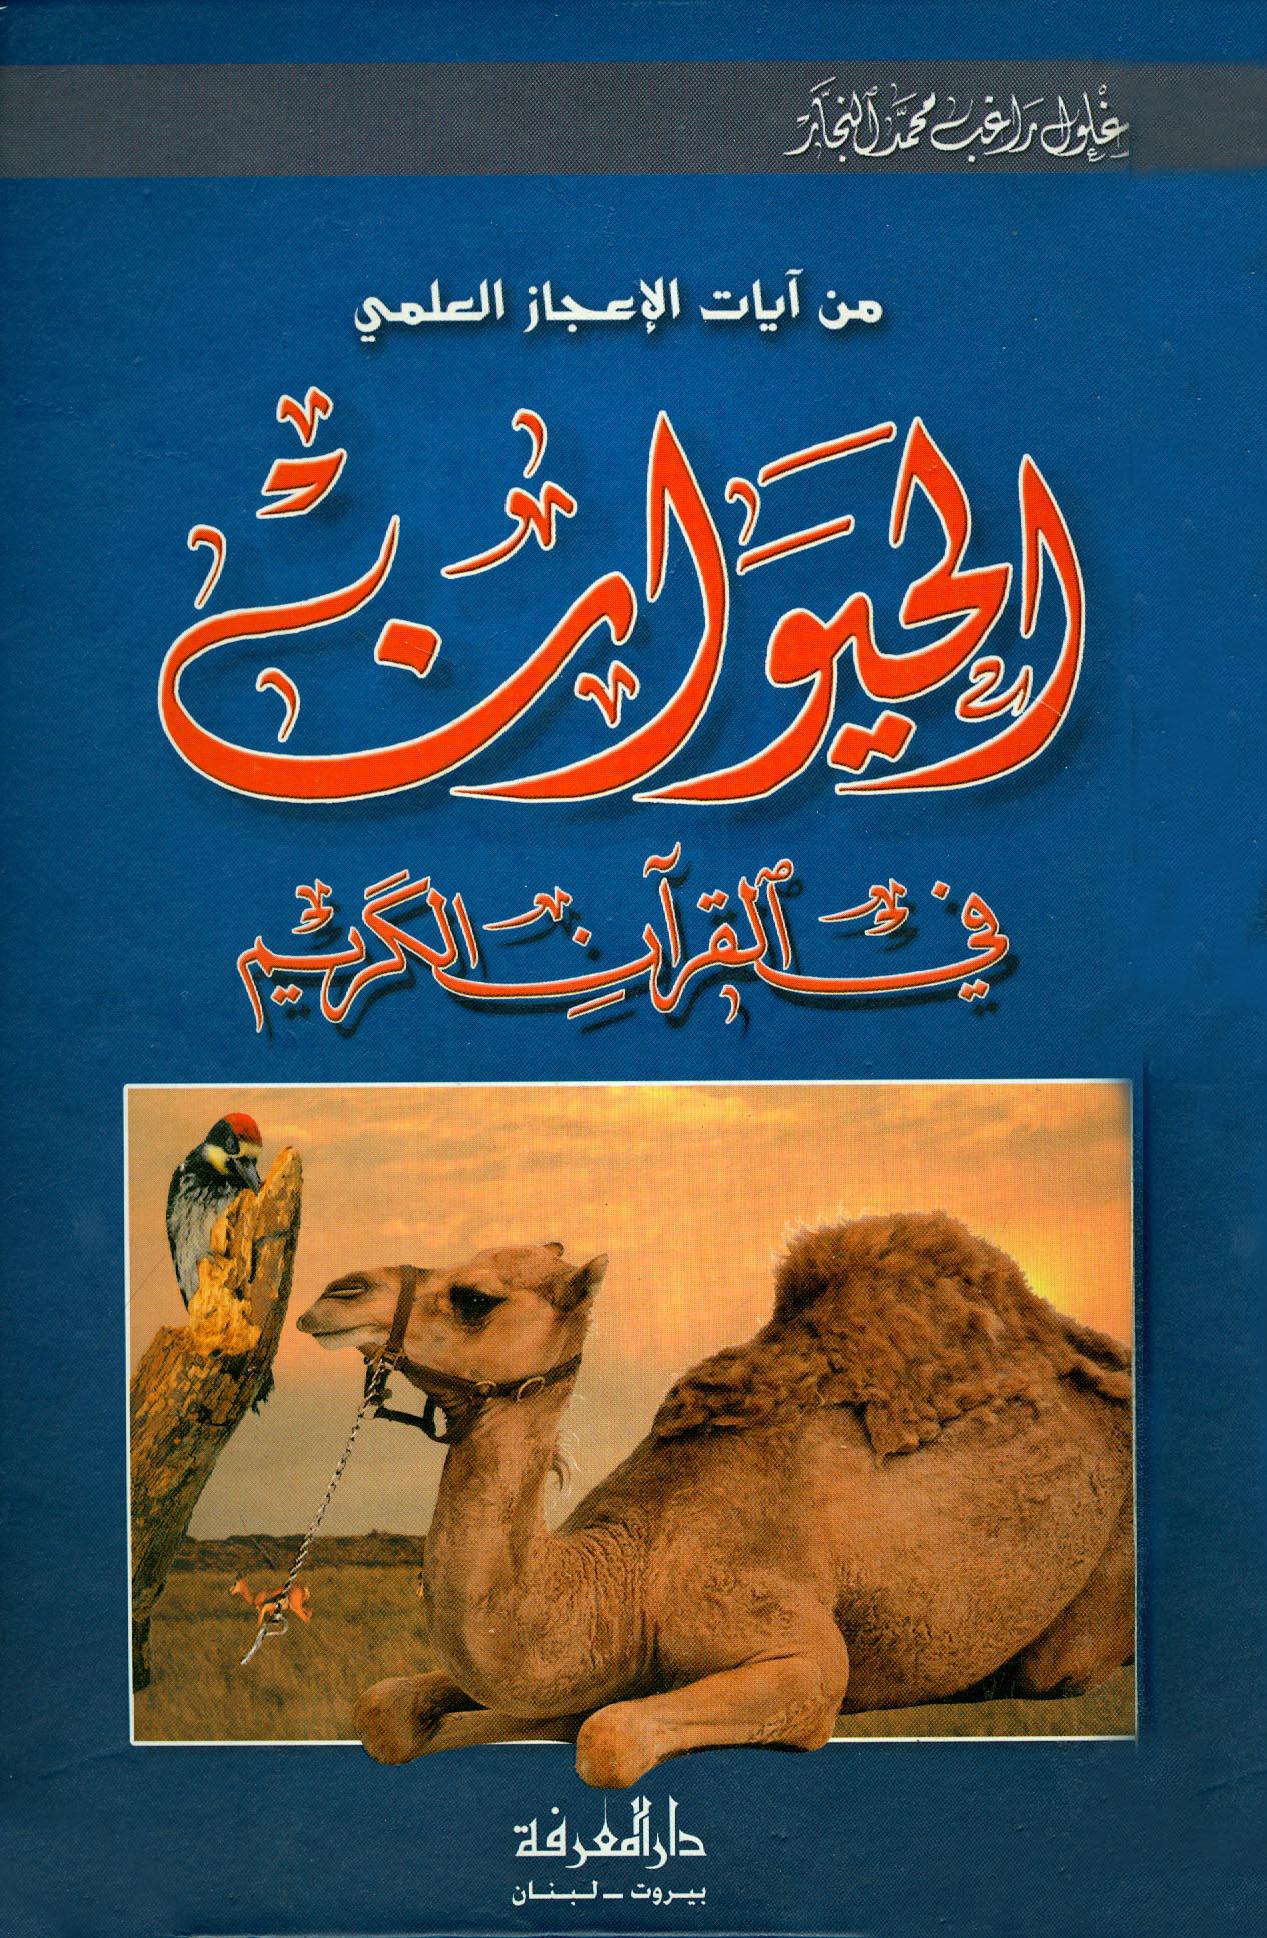 قصص الحيوانات في القرآن الكريم #8: هدهد سليمان - عبد الحميد عبد المقصود,